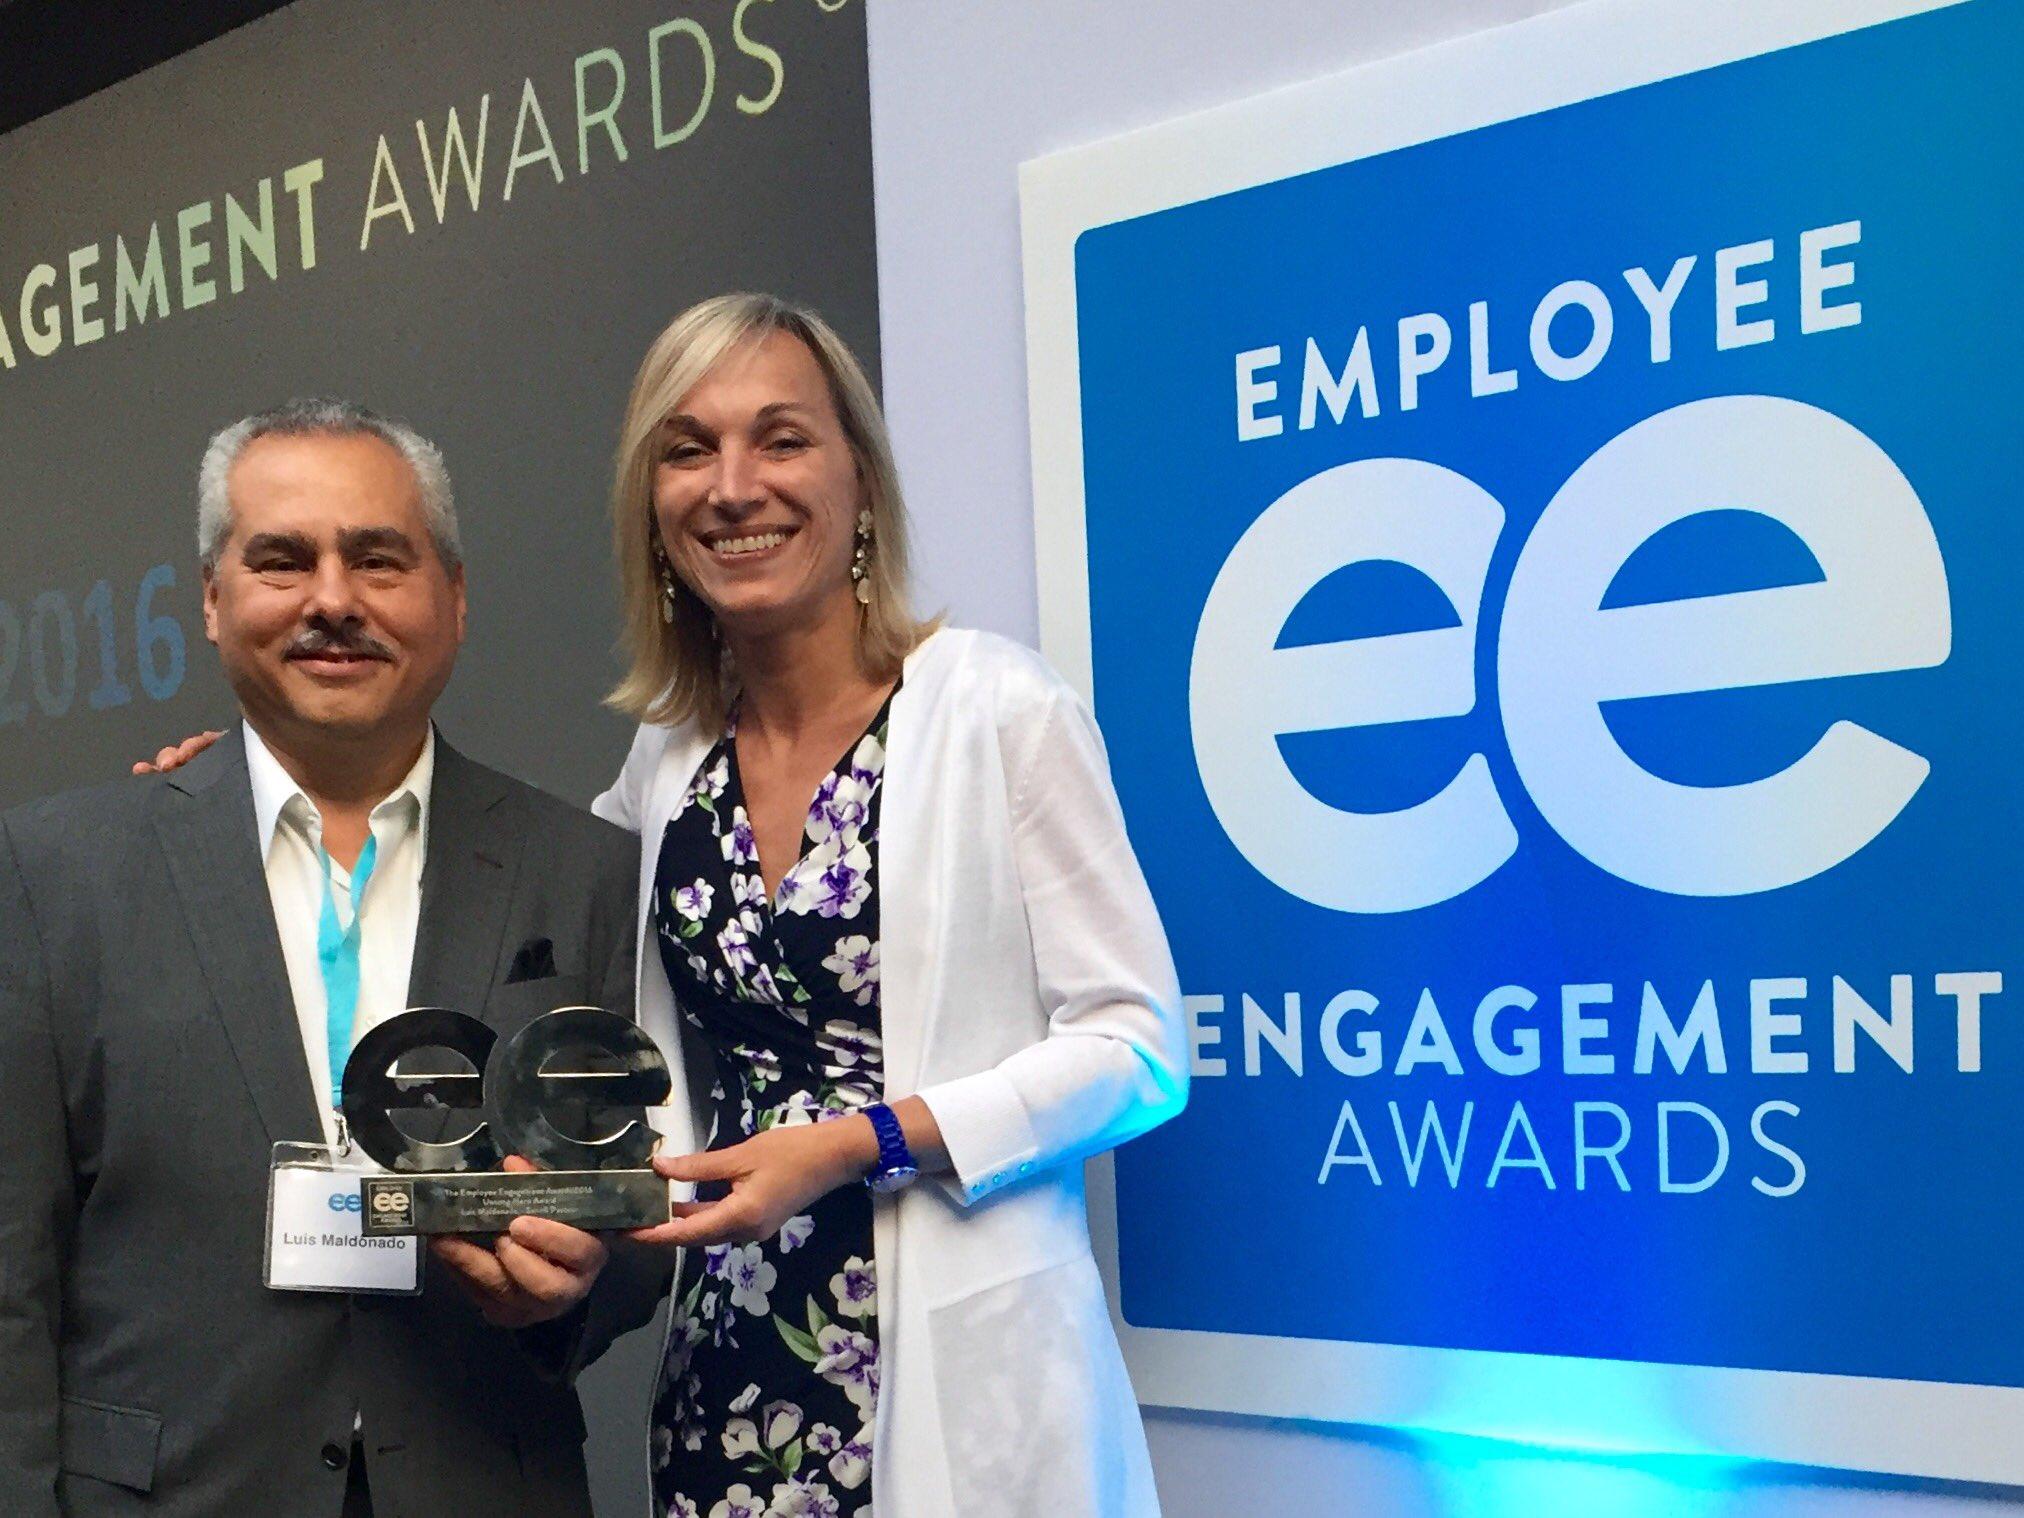 Luis Madonado,  2016 Employee Engagement Awards